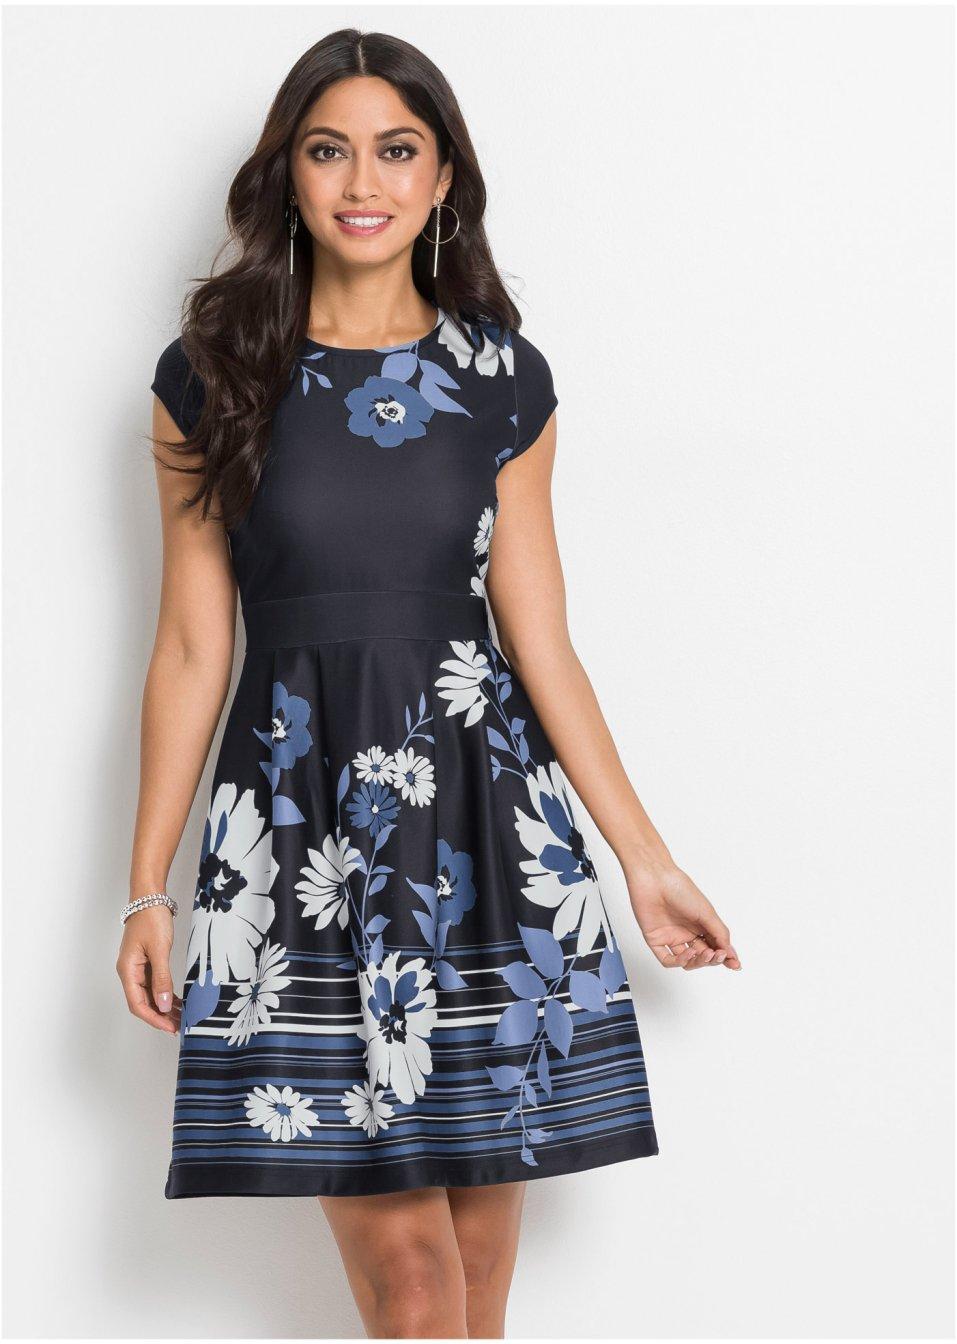 Kleid mit Blumenmuster schwarz/blau/weiß - BODYFLIRT ...